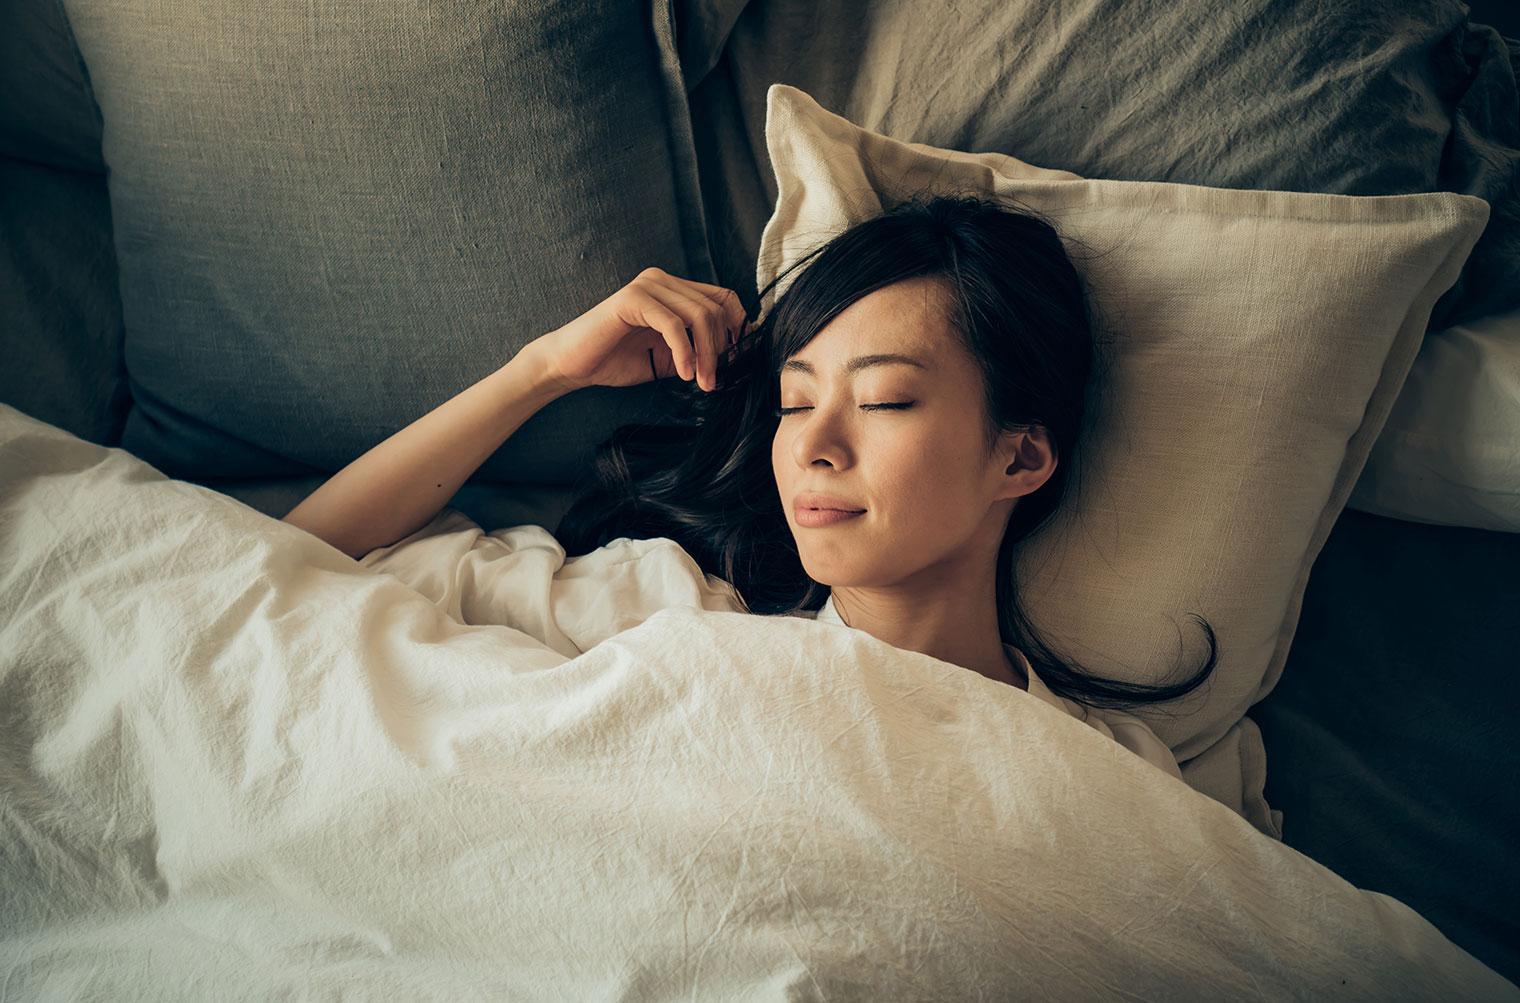 かさ張る枕の上手な収納・保管方法をご紹介します!